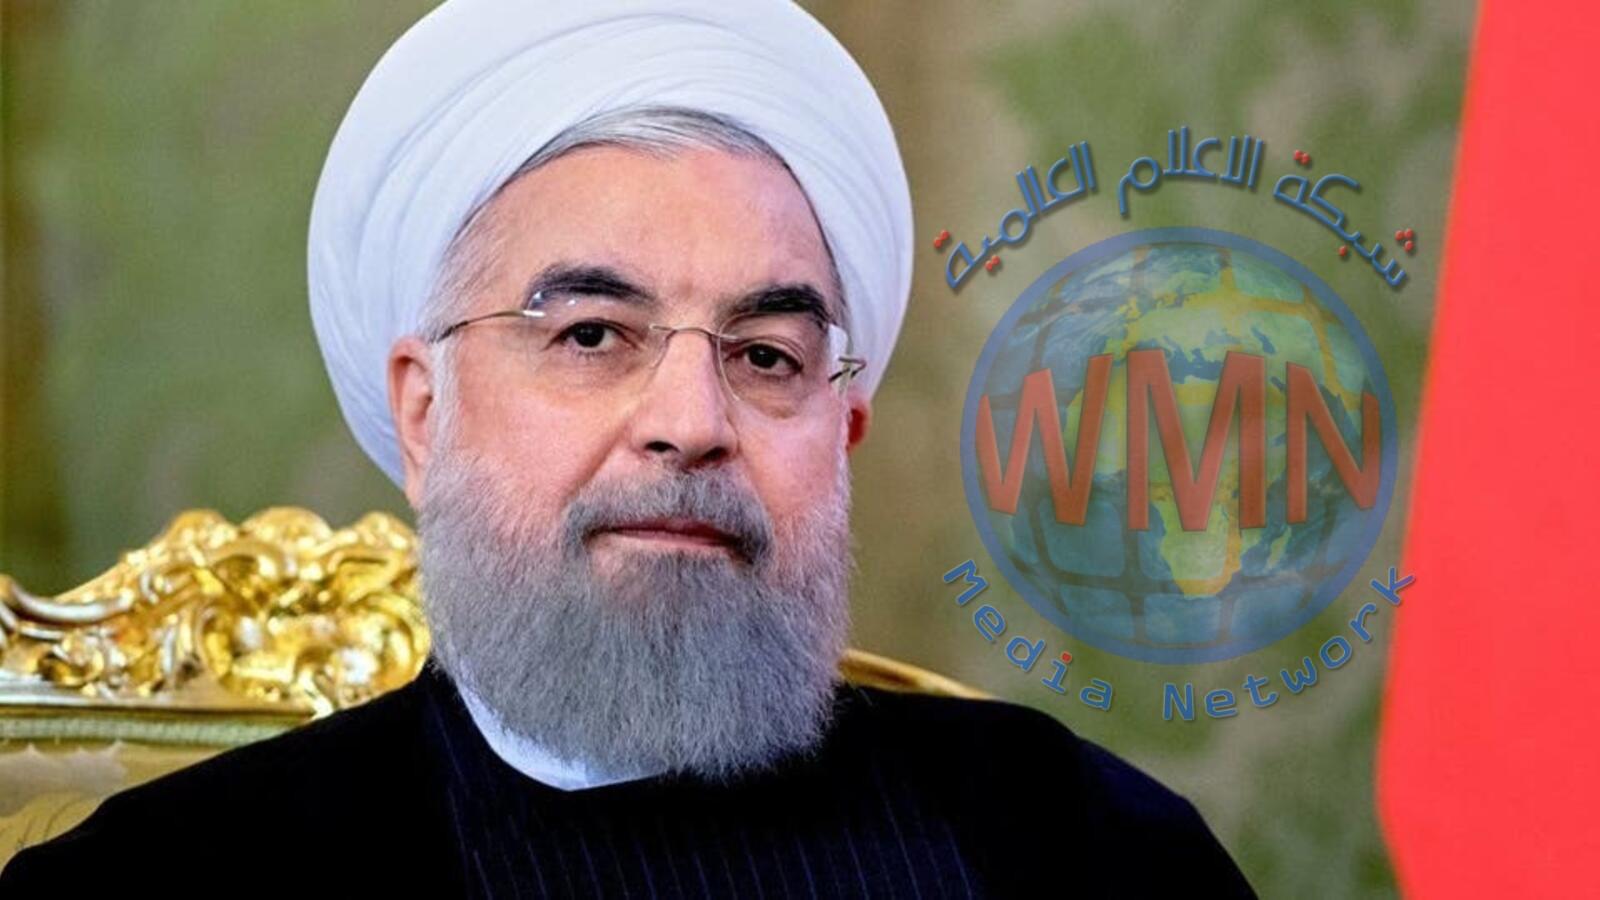 روحاني: مستمرون برفع مستوى تخصيب اليورانيوم